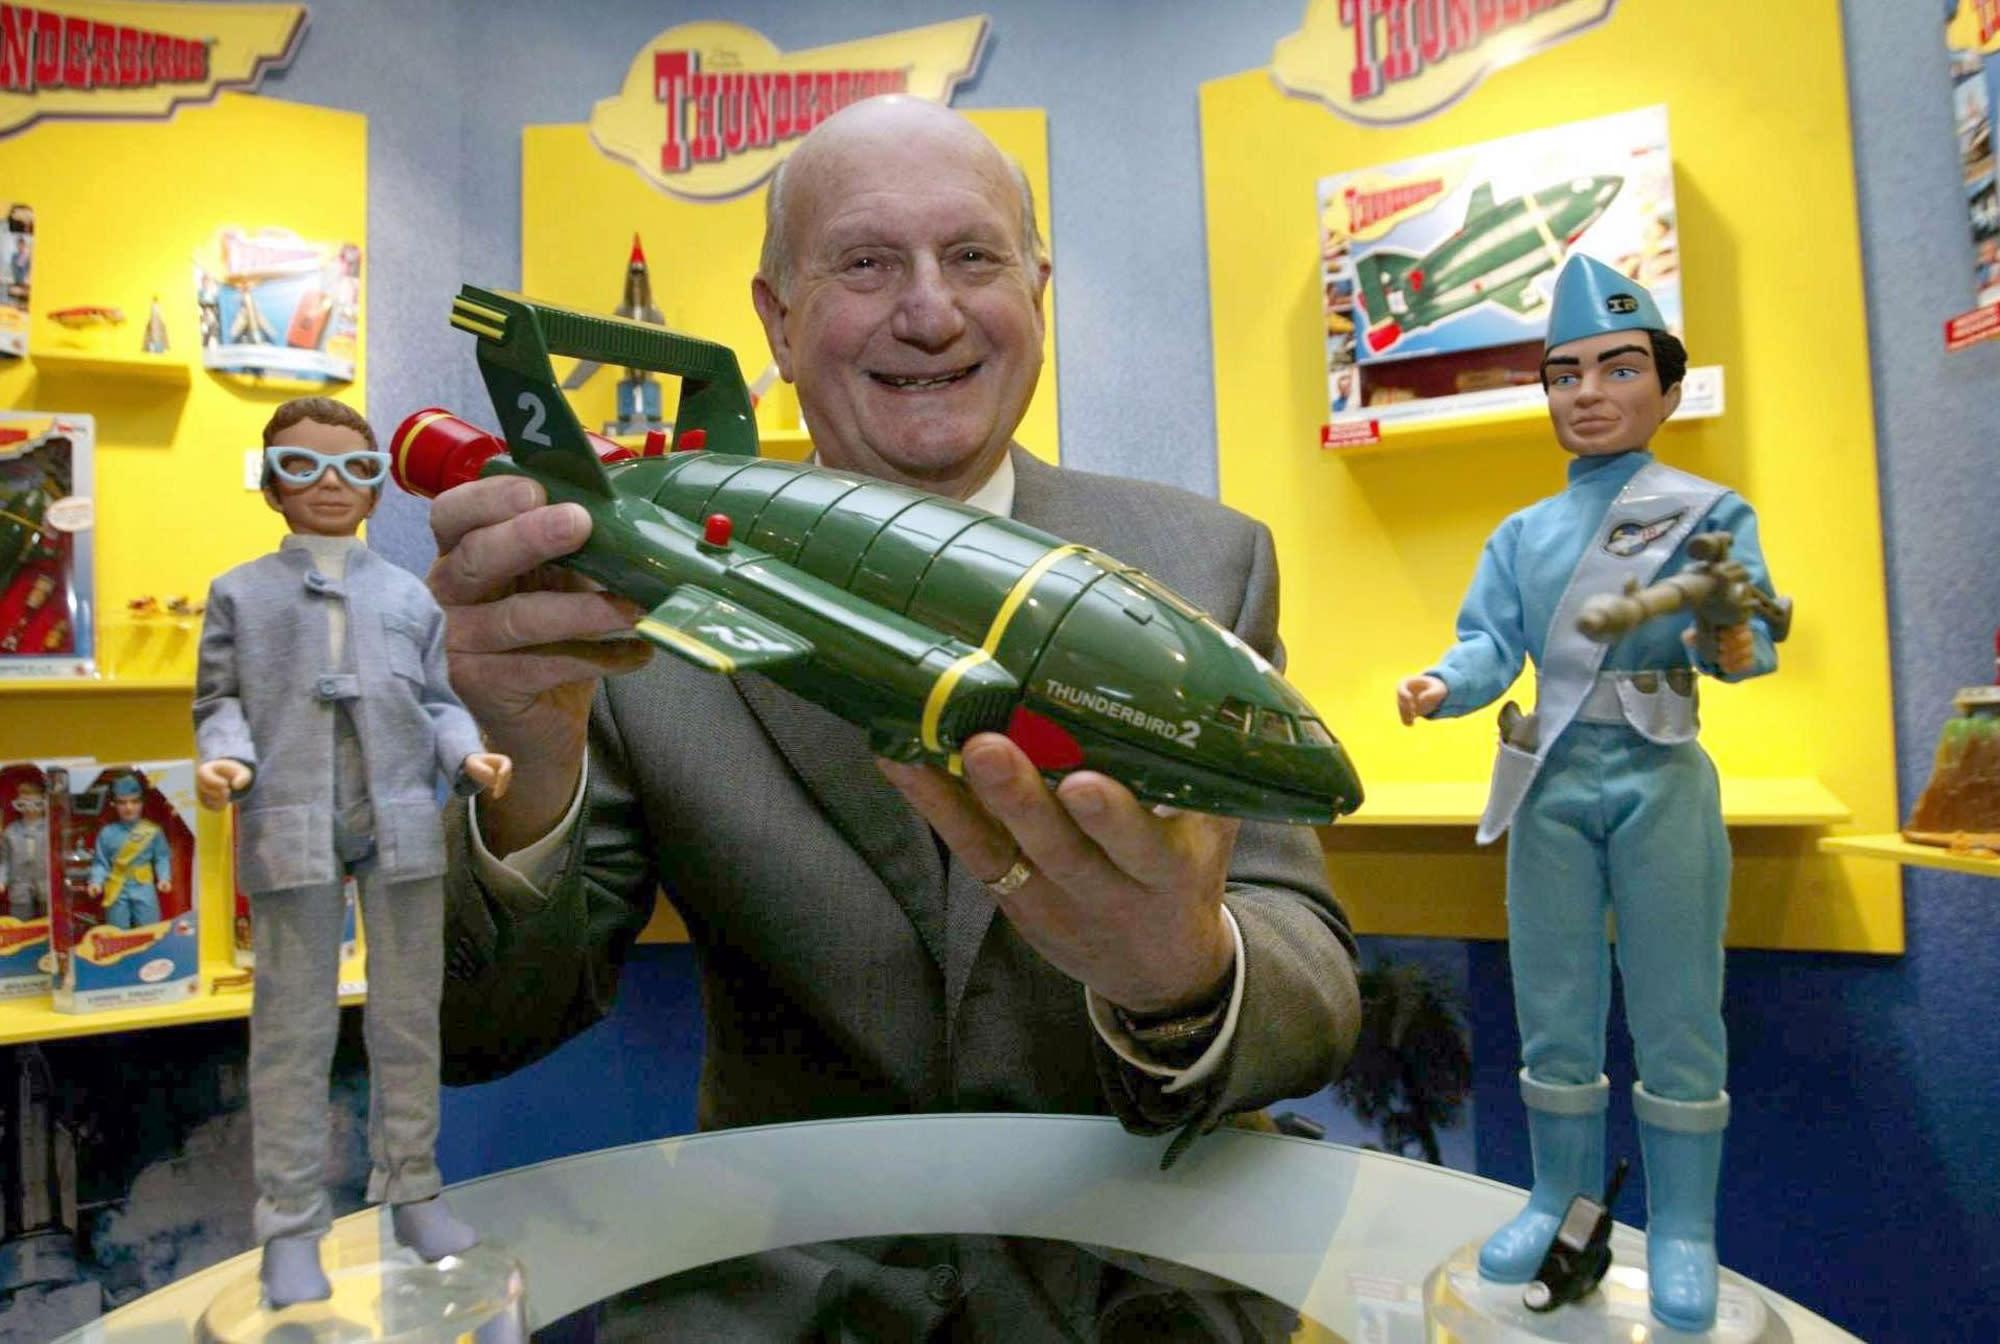 """Gerry Anderson posa para una fotografía con un juguete de los Thunderbirds en el 40 aniversario de la primera transmisión de la serie de televisión en Londres en una fotografía del 27 de enero de 2005. Anderson el creador de los """"Thunderbirds"""" murió el miércoles 26 de diciembre de 2012. Tenía 83 años. (Foto AP/PA, Hugo Philpot, archivo)"""